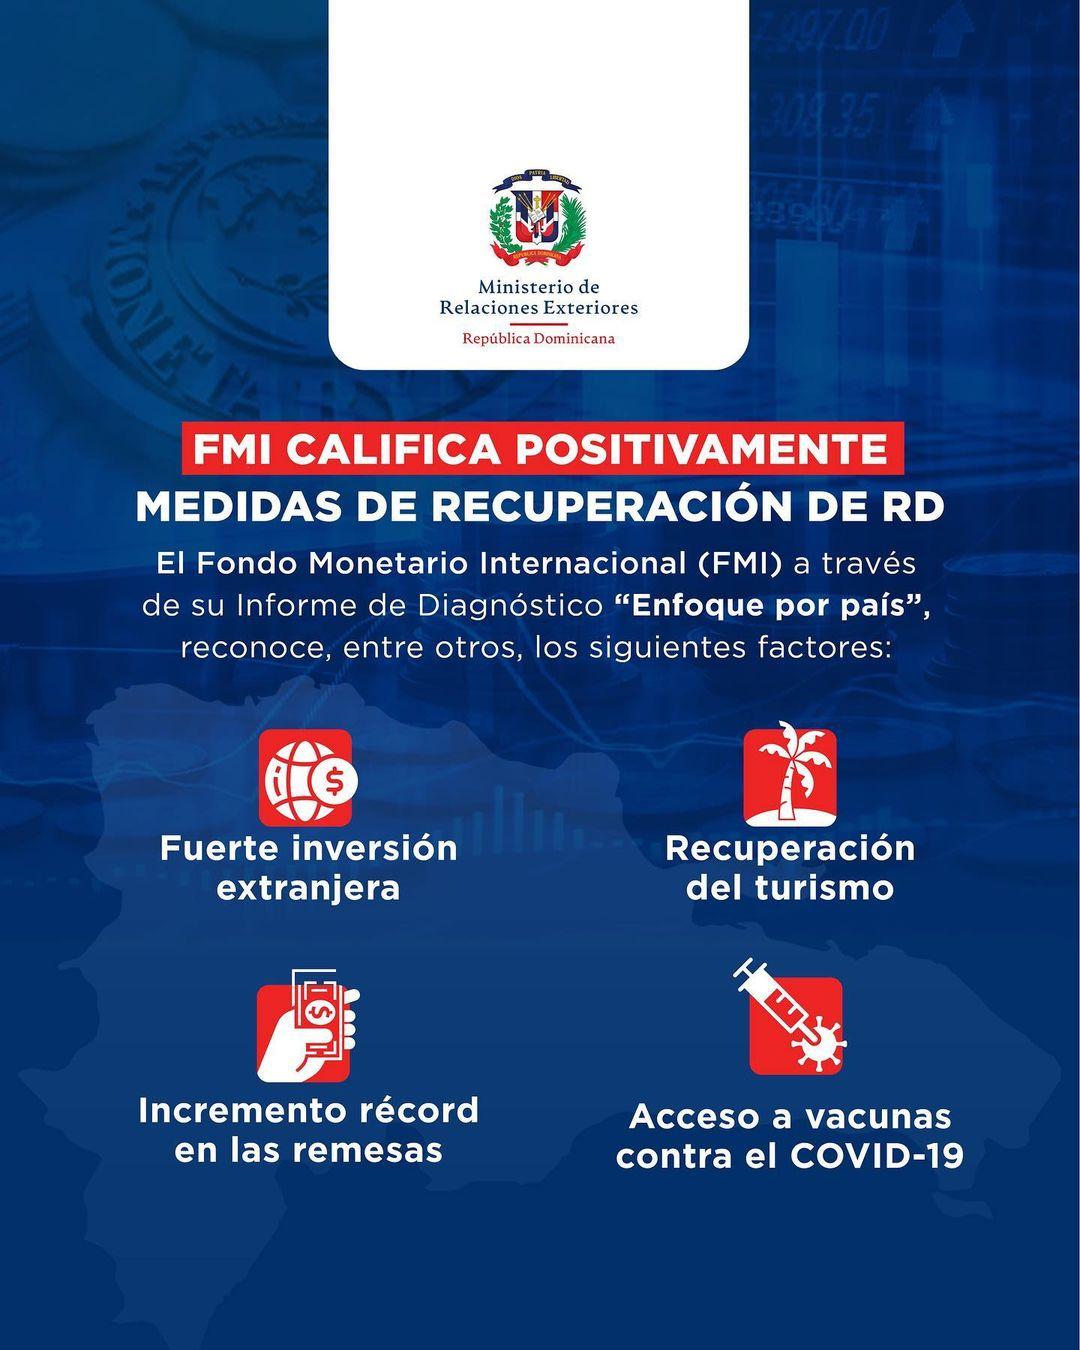 RD región se destaca como una de las economías más dinámicas y de más rápido crecimiento en América Latina y el Caribe